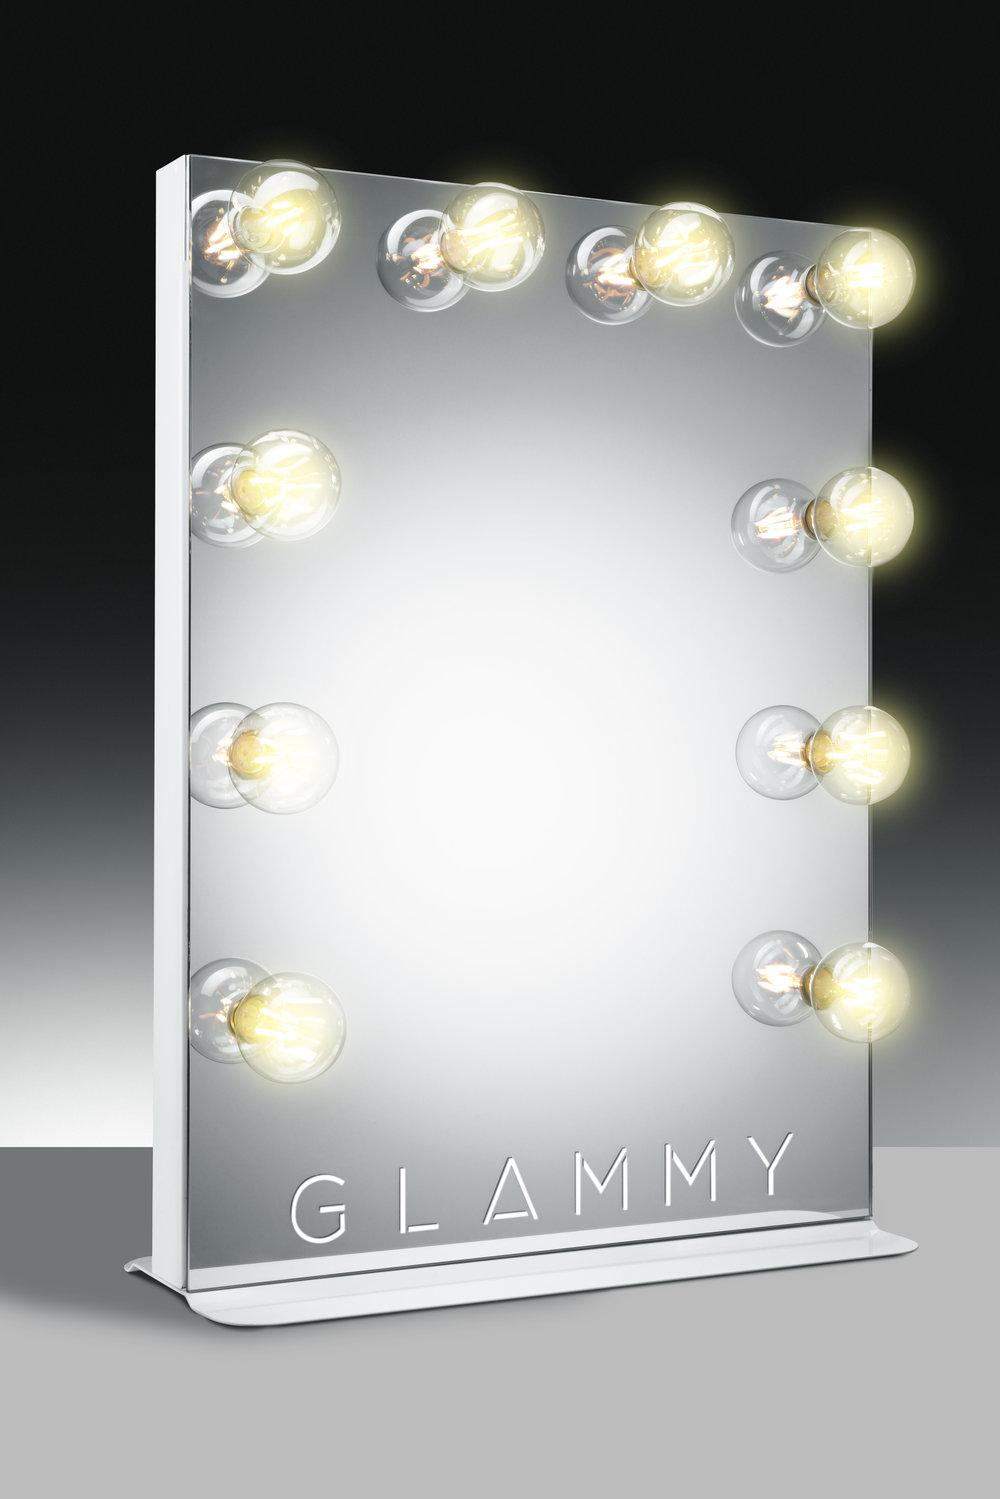 Glammy-Mirror-1-Dark-Background.jpg